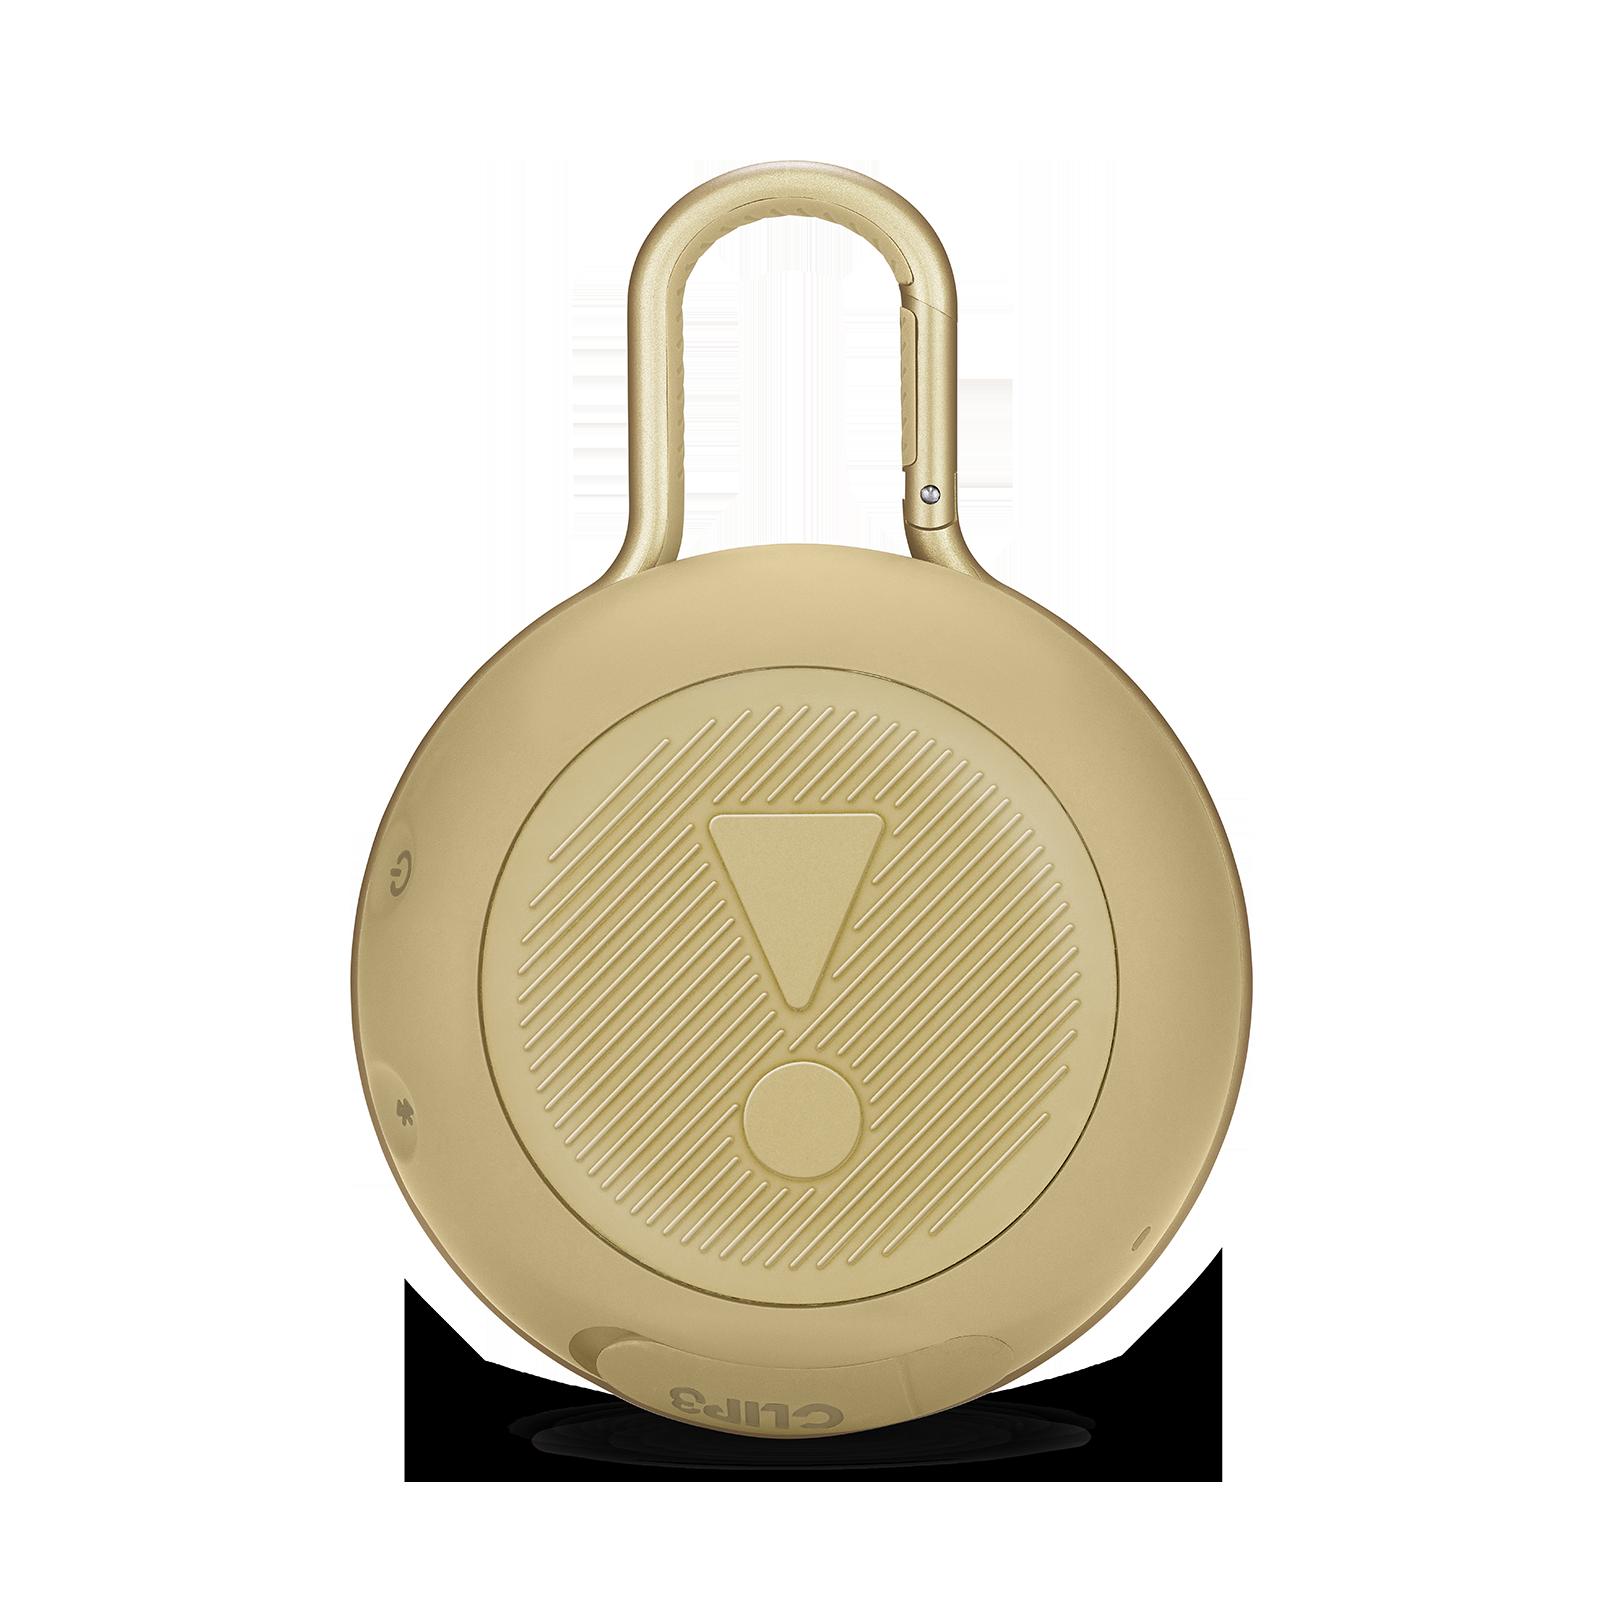 JBL CLIP 3 - Desert Sand - Portable Bluetooth® speaker - Back